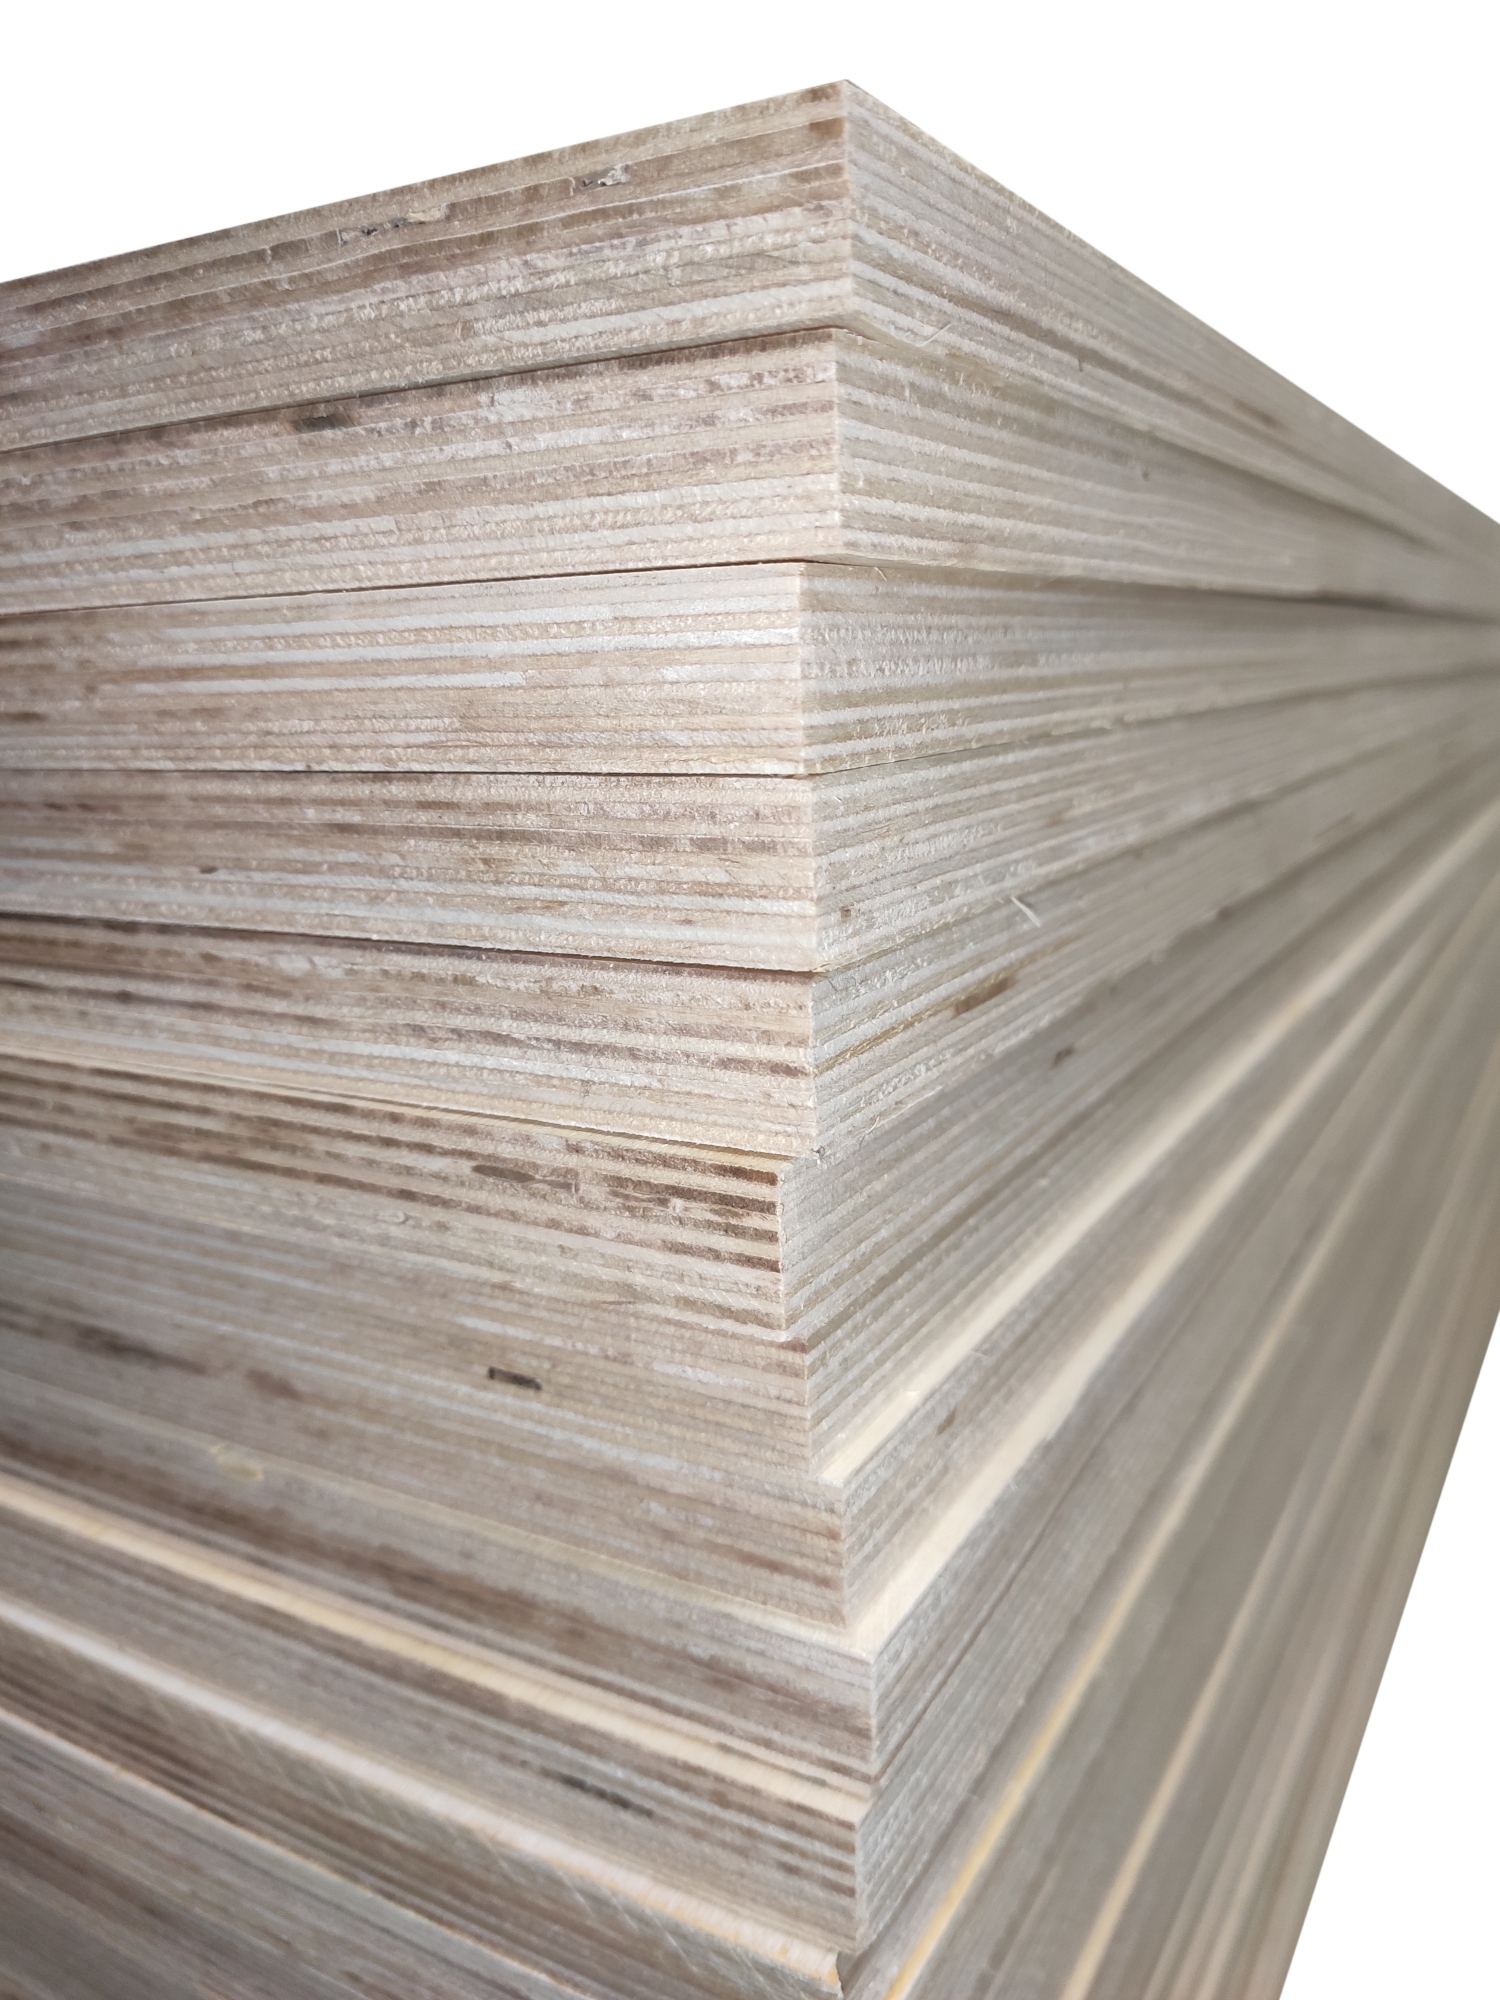 SKLEJKA BLAT 18MM KLASA 2 FORMATKA DO CNC 50x50CM Waga produktu z opakowaniem jednostkowym 3.8 kg